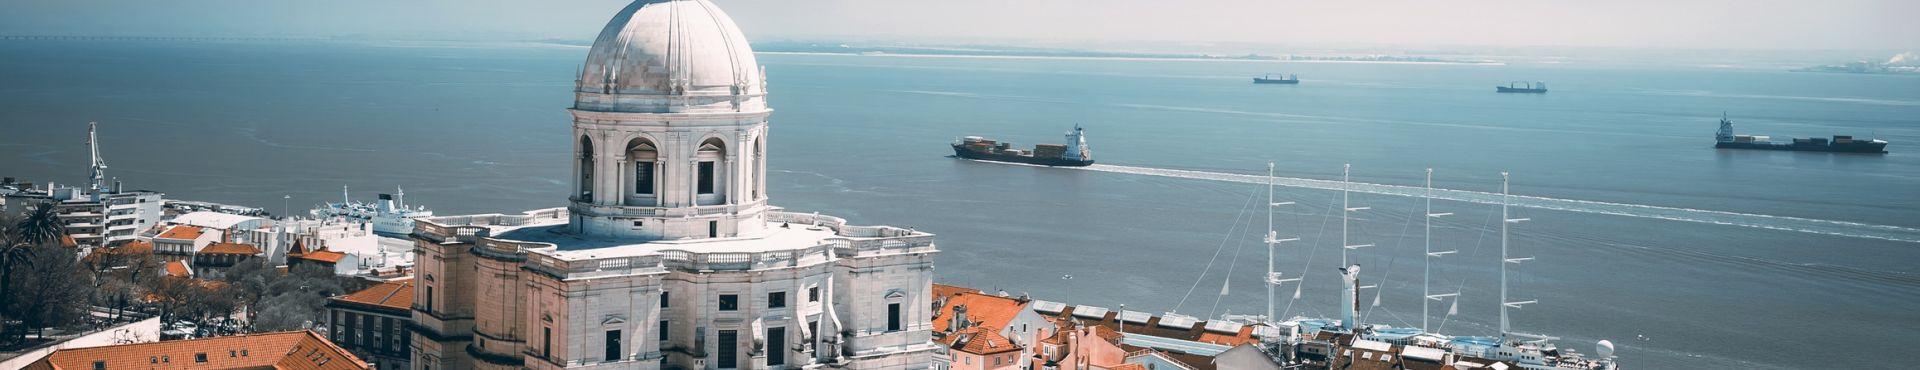 עם סביב העולם לפורטוגל, בעקבות  מגלי עולם וסיפור האנוסים